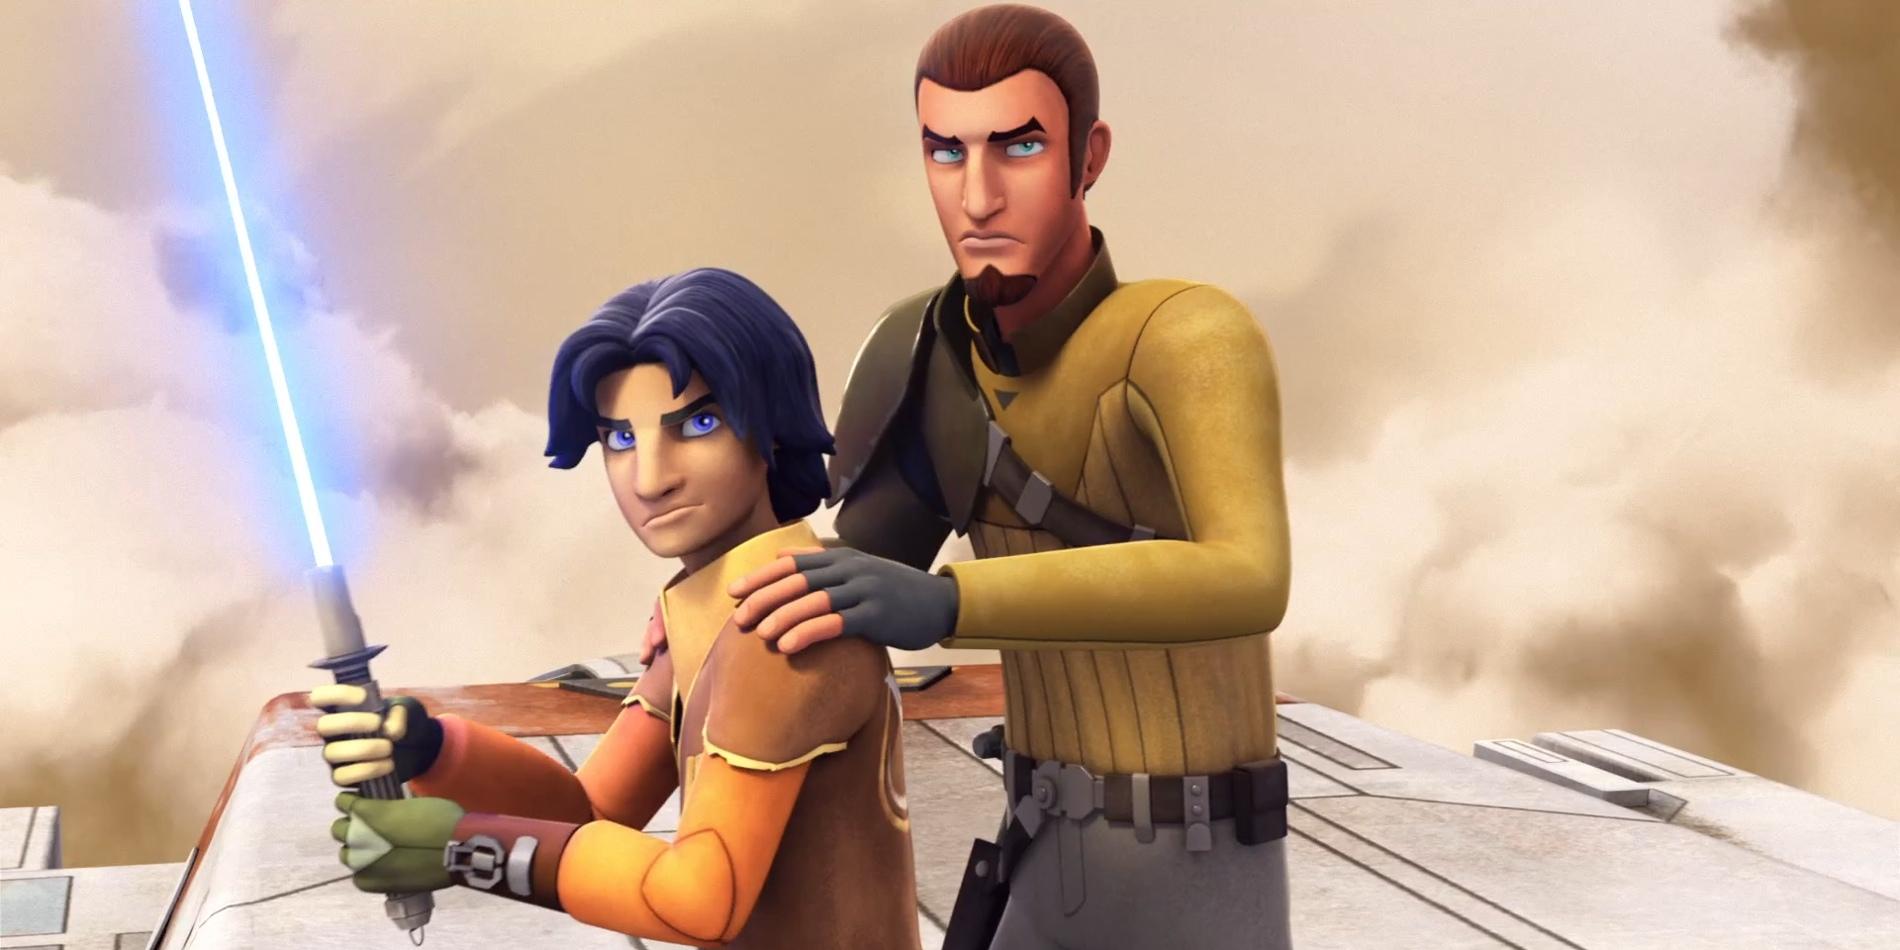 Ezra Bridger and Kanan in Star Wars Rebels